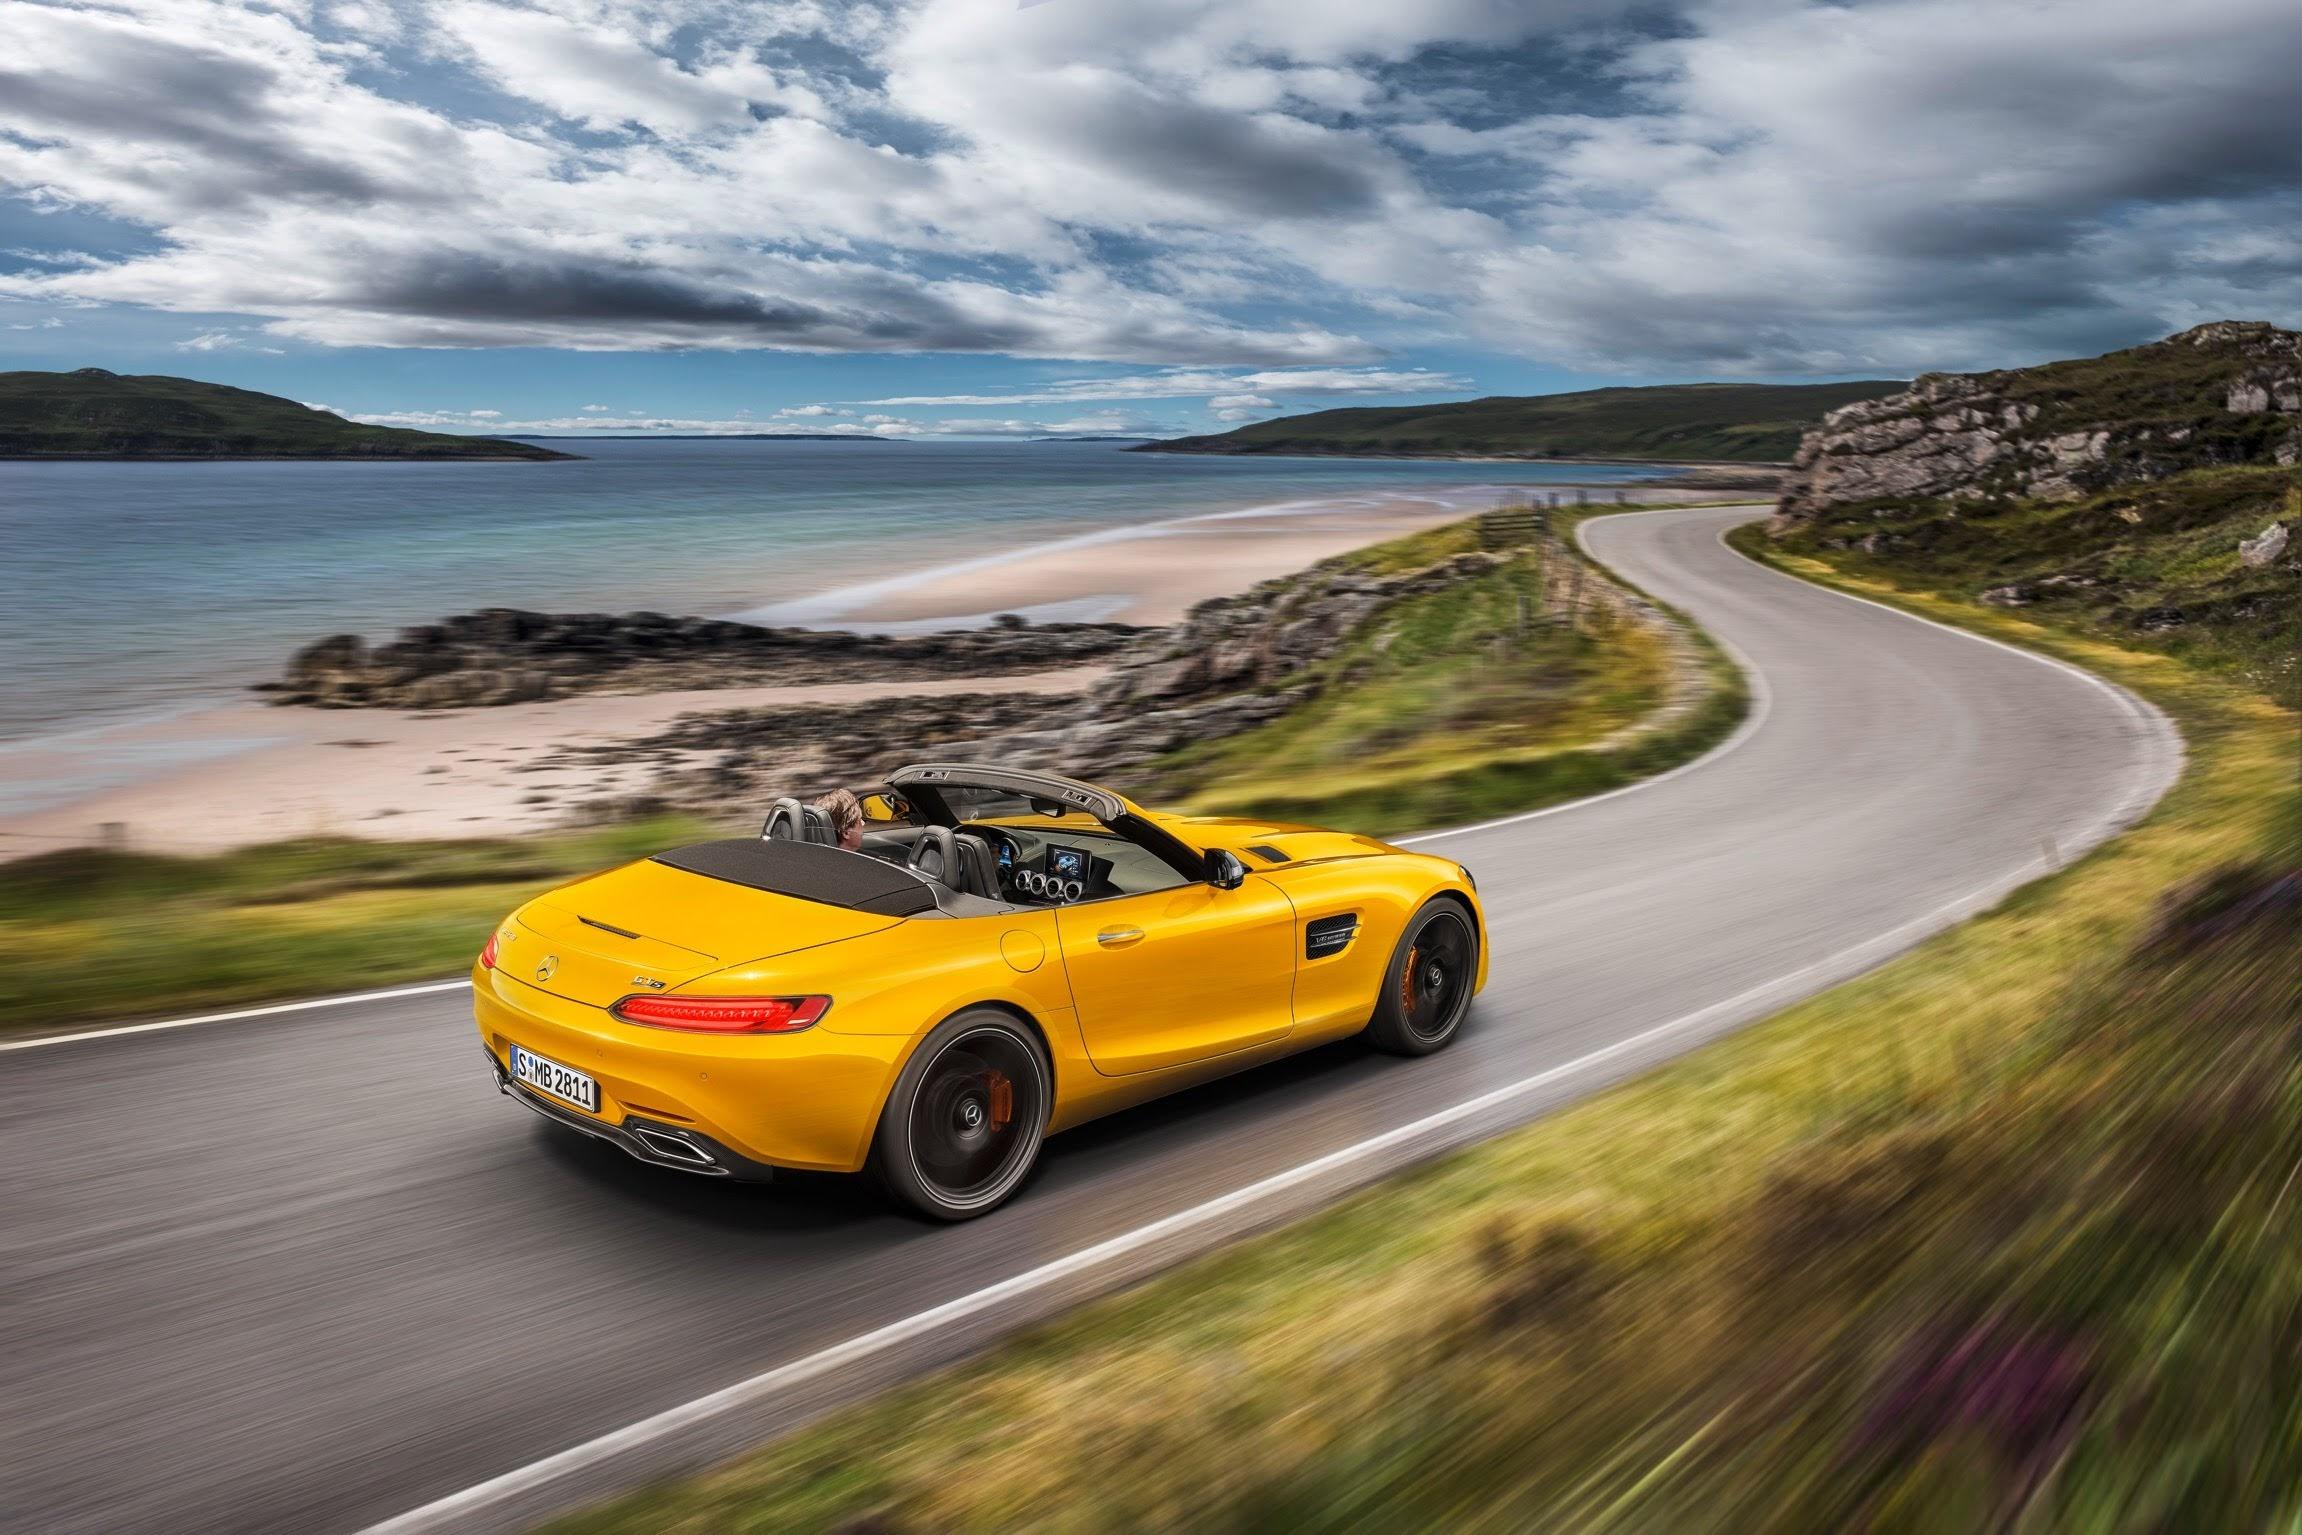 M8i9qAkZ941ujwOM8rfEKbKa7tXACxy1EJdwujdTQcjnf12TB3YZx91ZmIF1EwRMX27CfdWEpxRcIcOr5LLVO38pALlYmcrs7ua9IT9QG fRYKhNQjTX7xdvwyGFRngVIv0lJGLjIg=w2400 - Nuevo Mercedes-AMG GT S Roadster